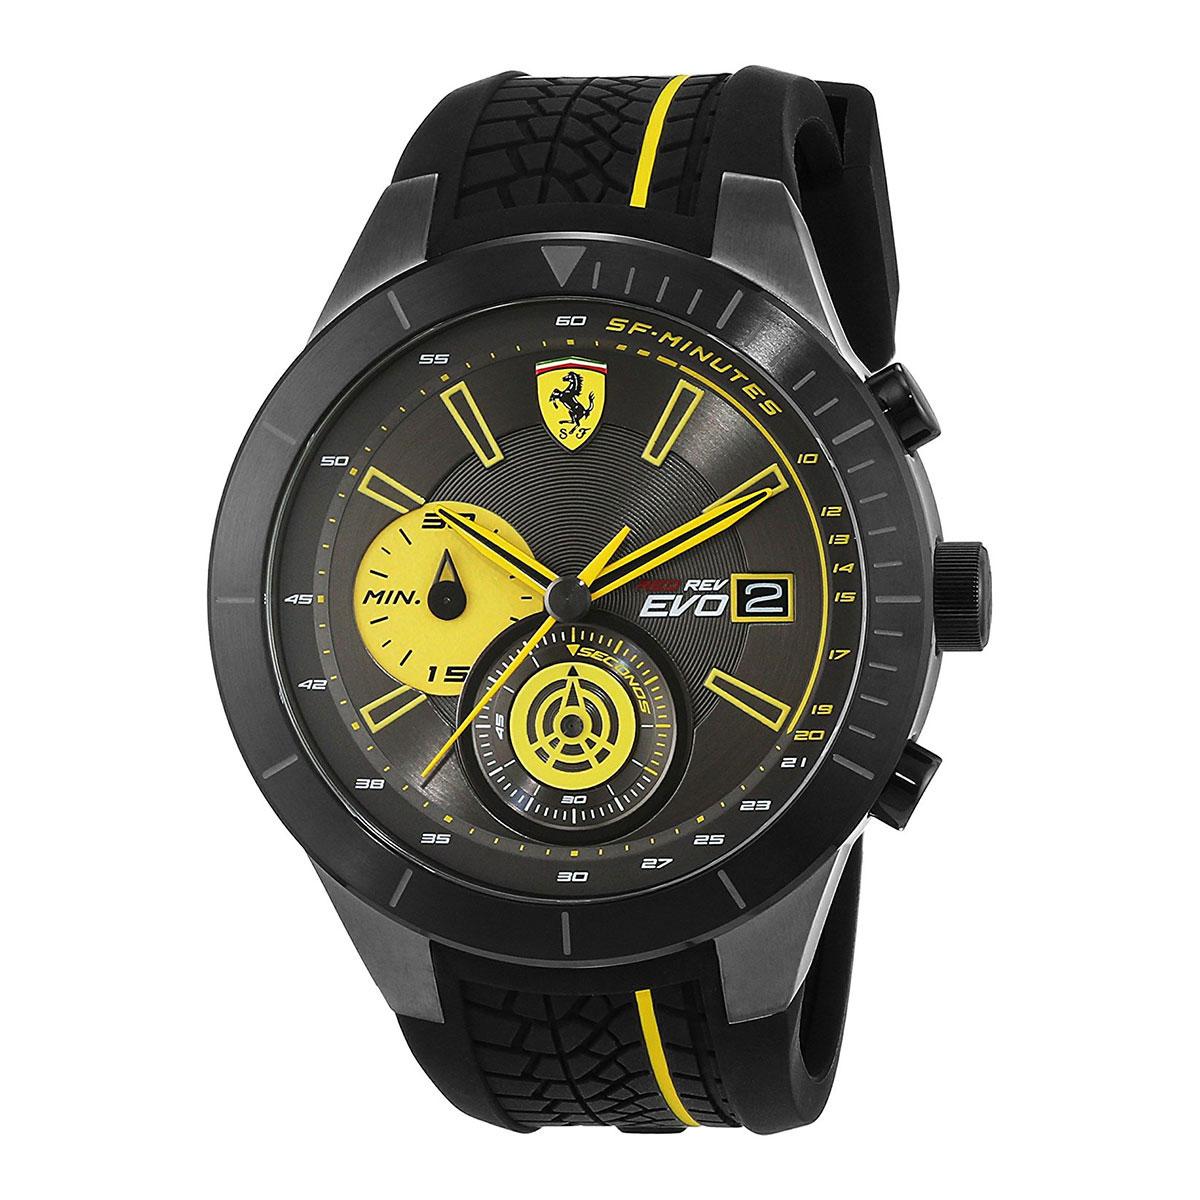 นาฬิกาผู้ชาย Ferrari รุ่น 0830342, RedRev Evo